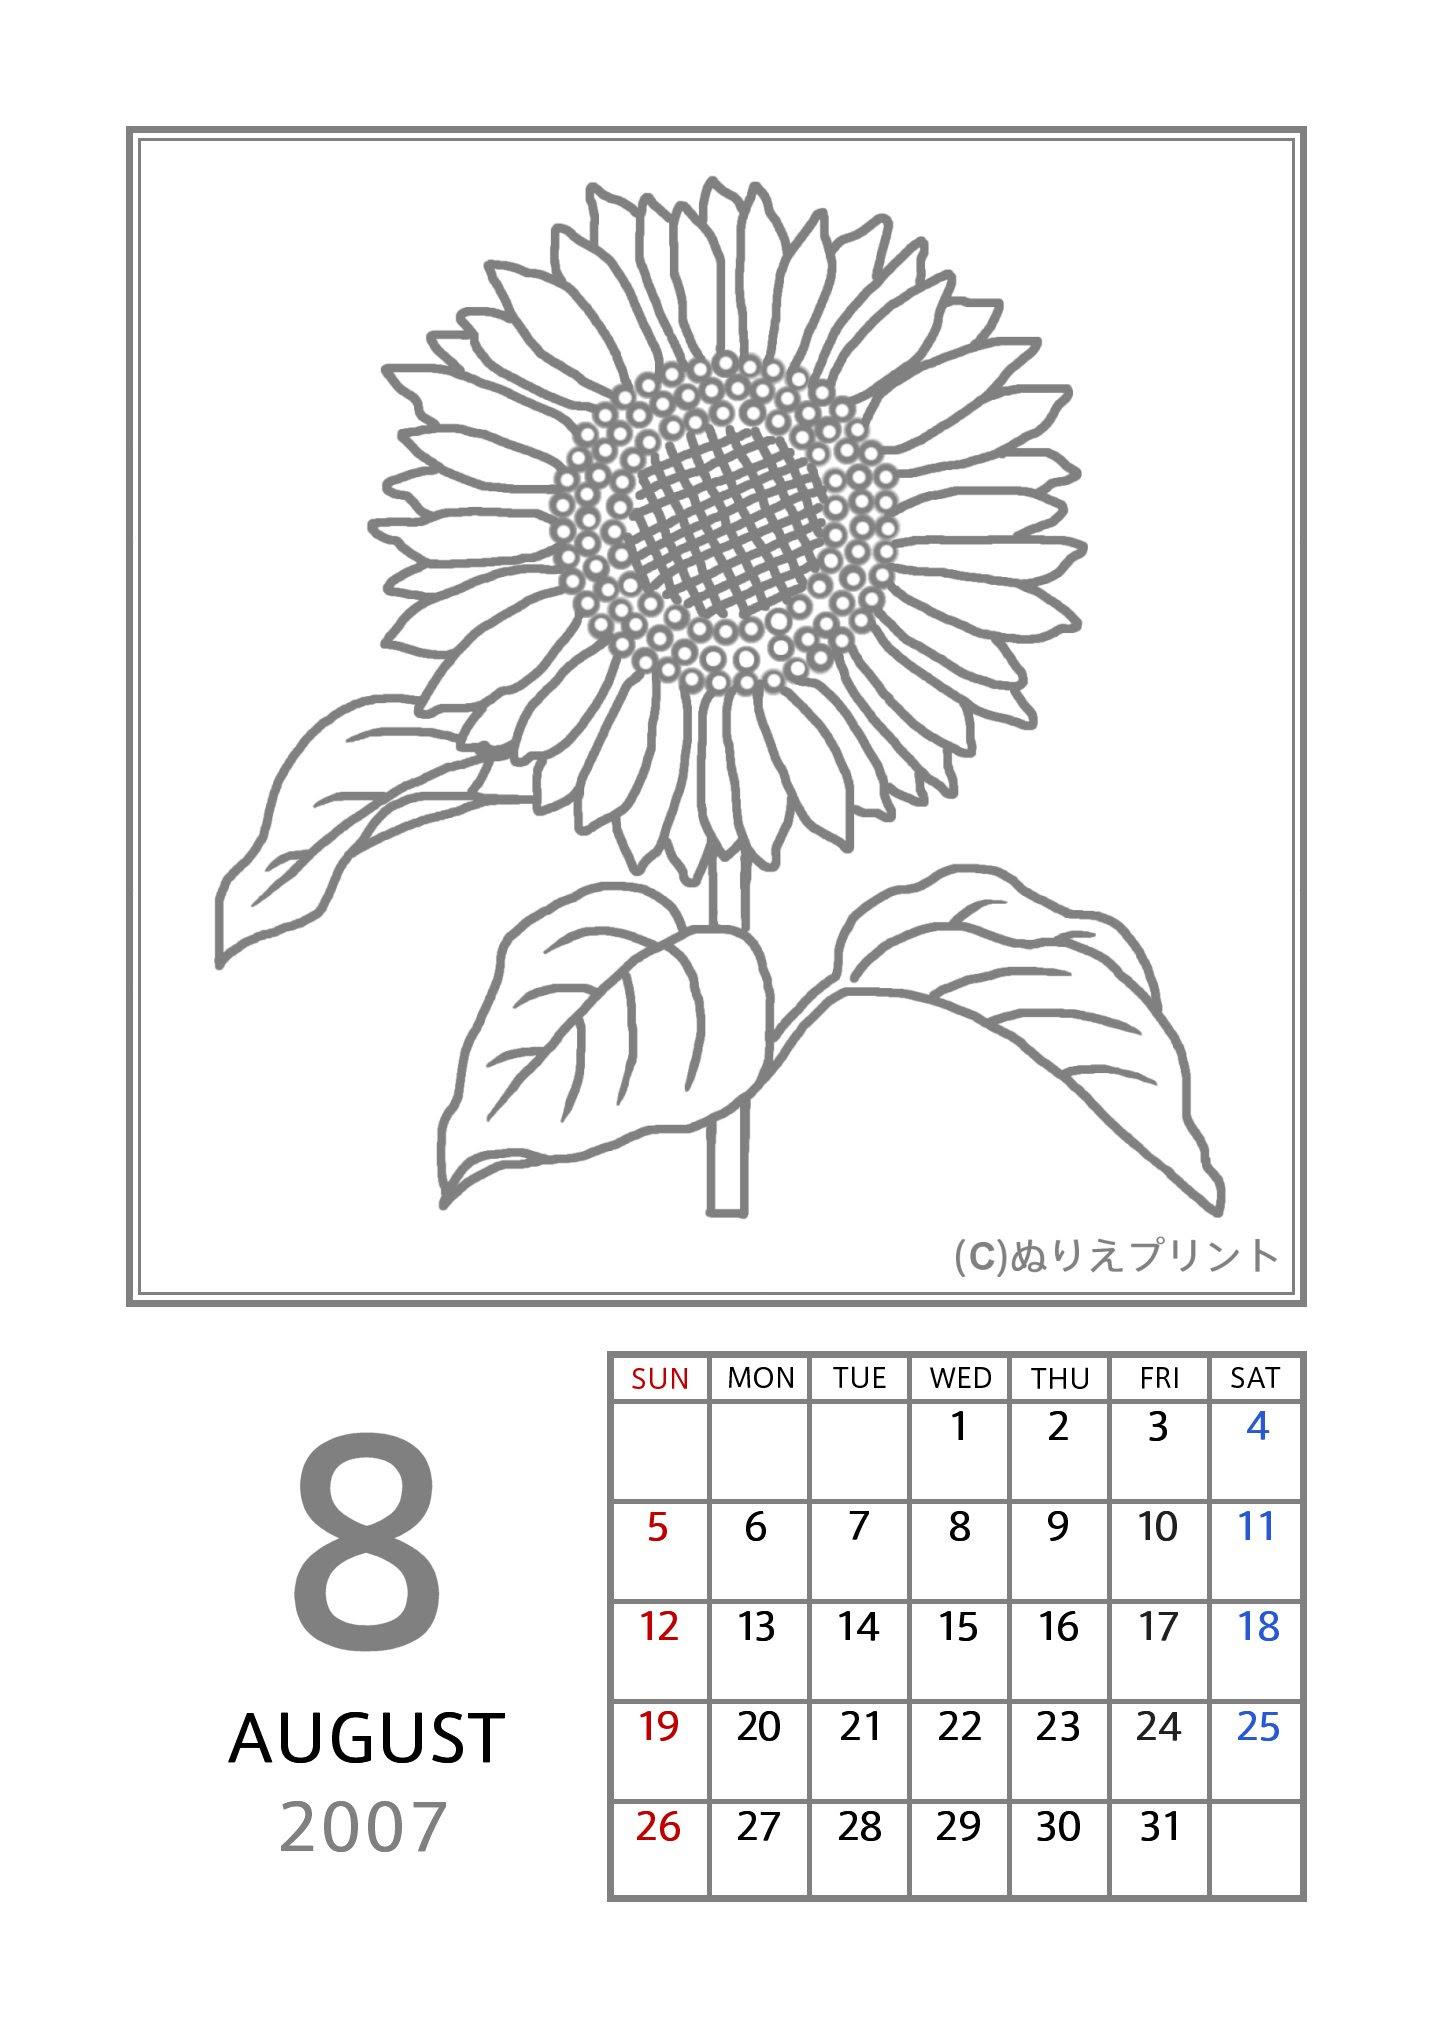 8月ヒマワリ向日葵グレー2007平成19年花のぬりえカレンダー無料